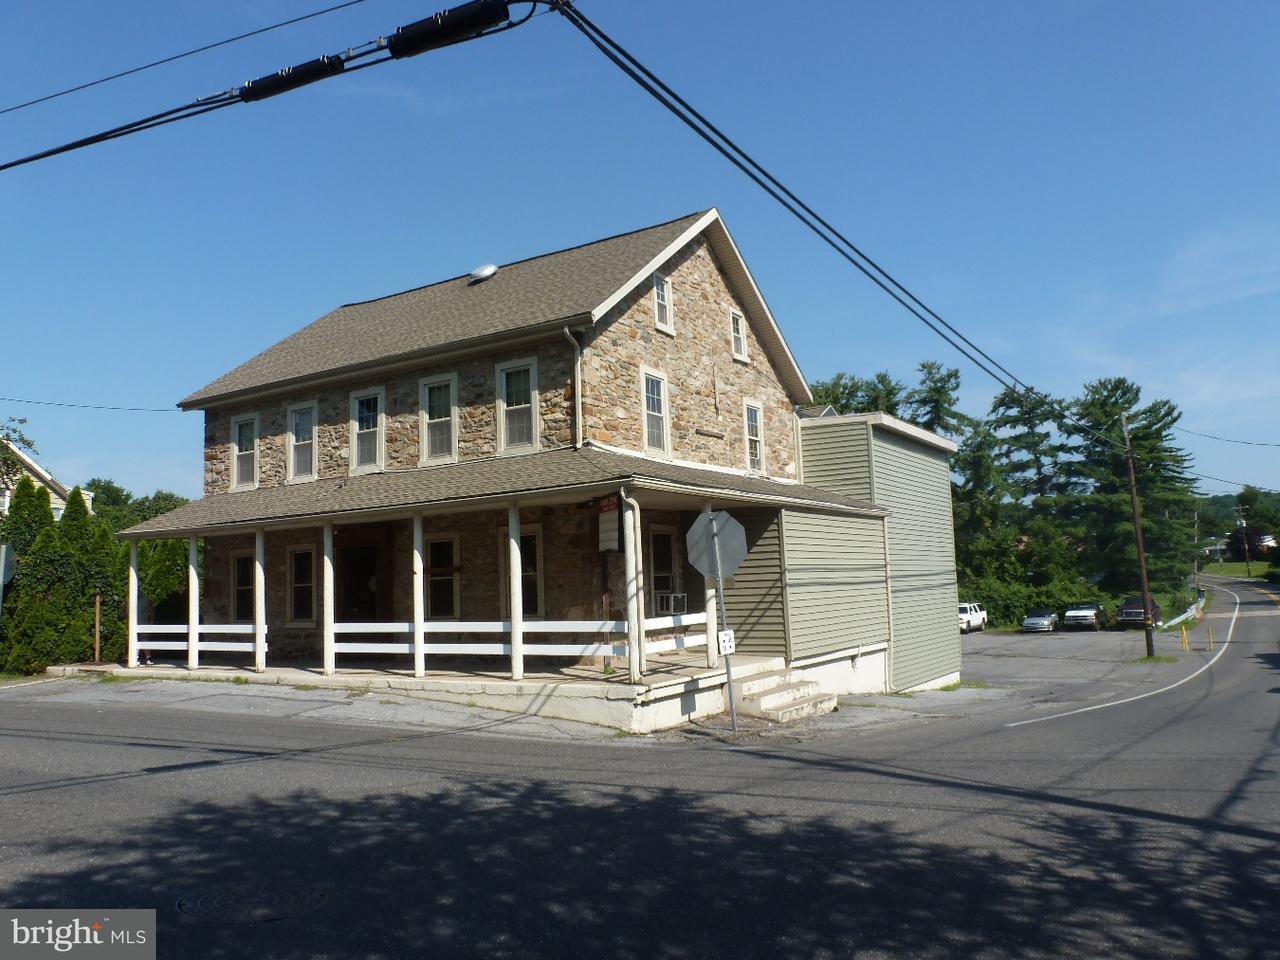 独户住宅 为 销售 在 3883 MAIN RD W Emmaus, 宾夕法尼亚州 18049 美国